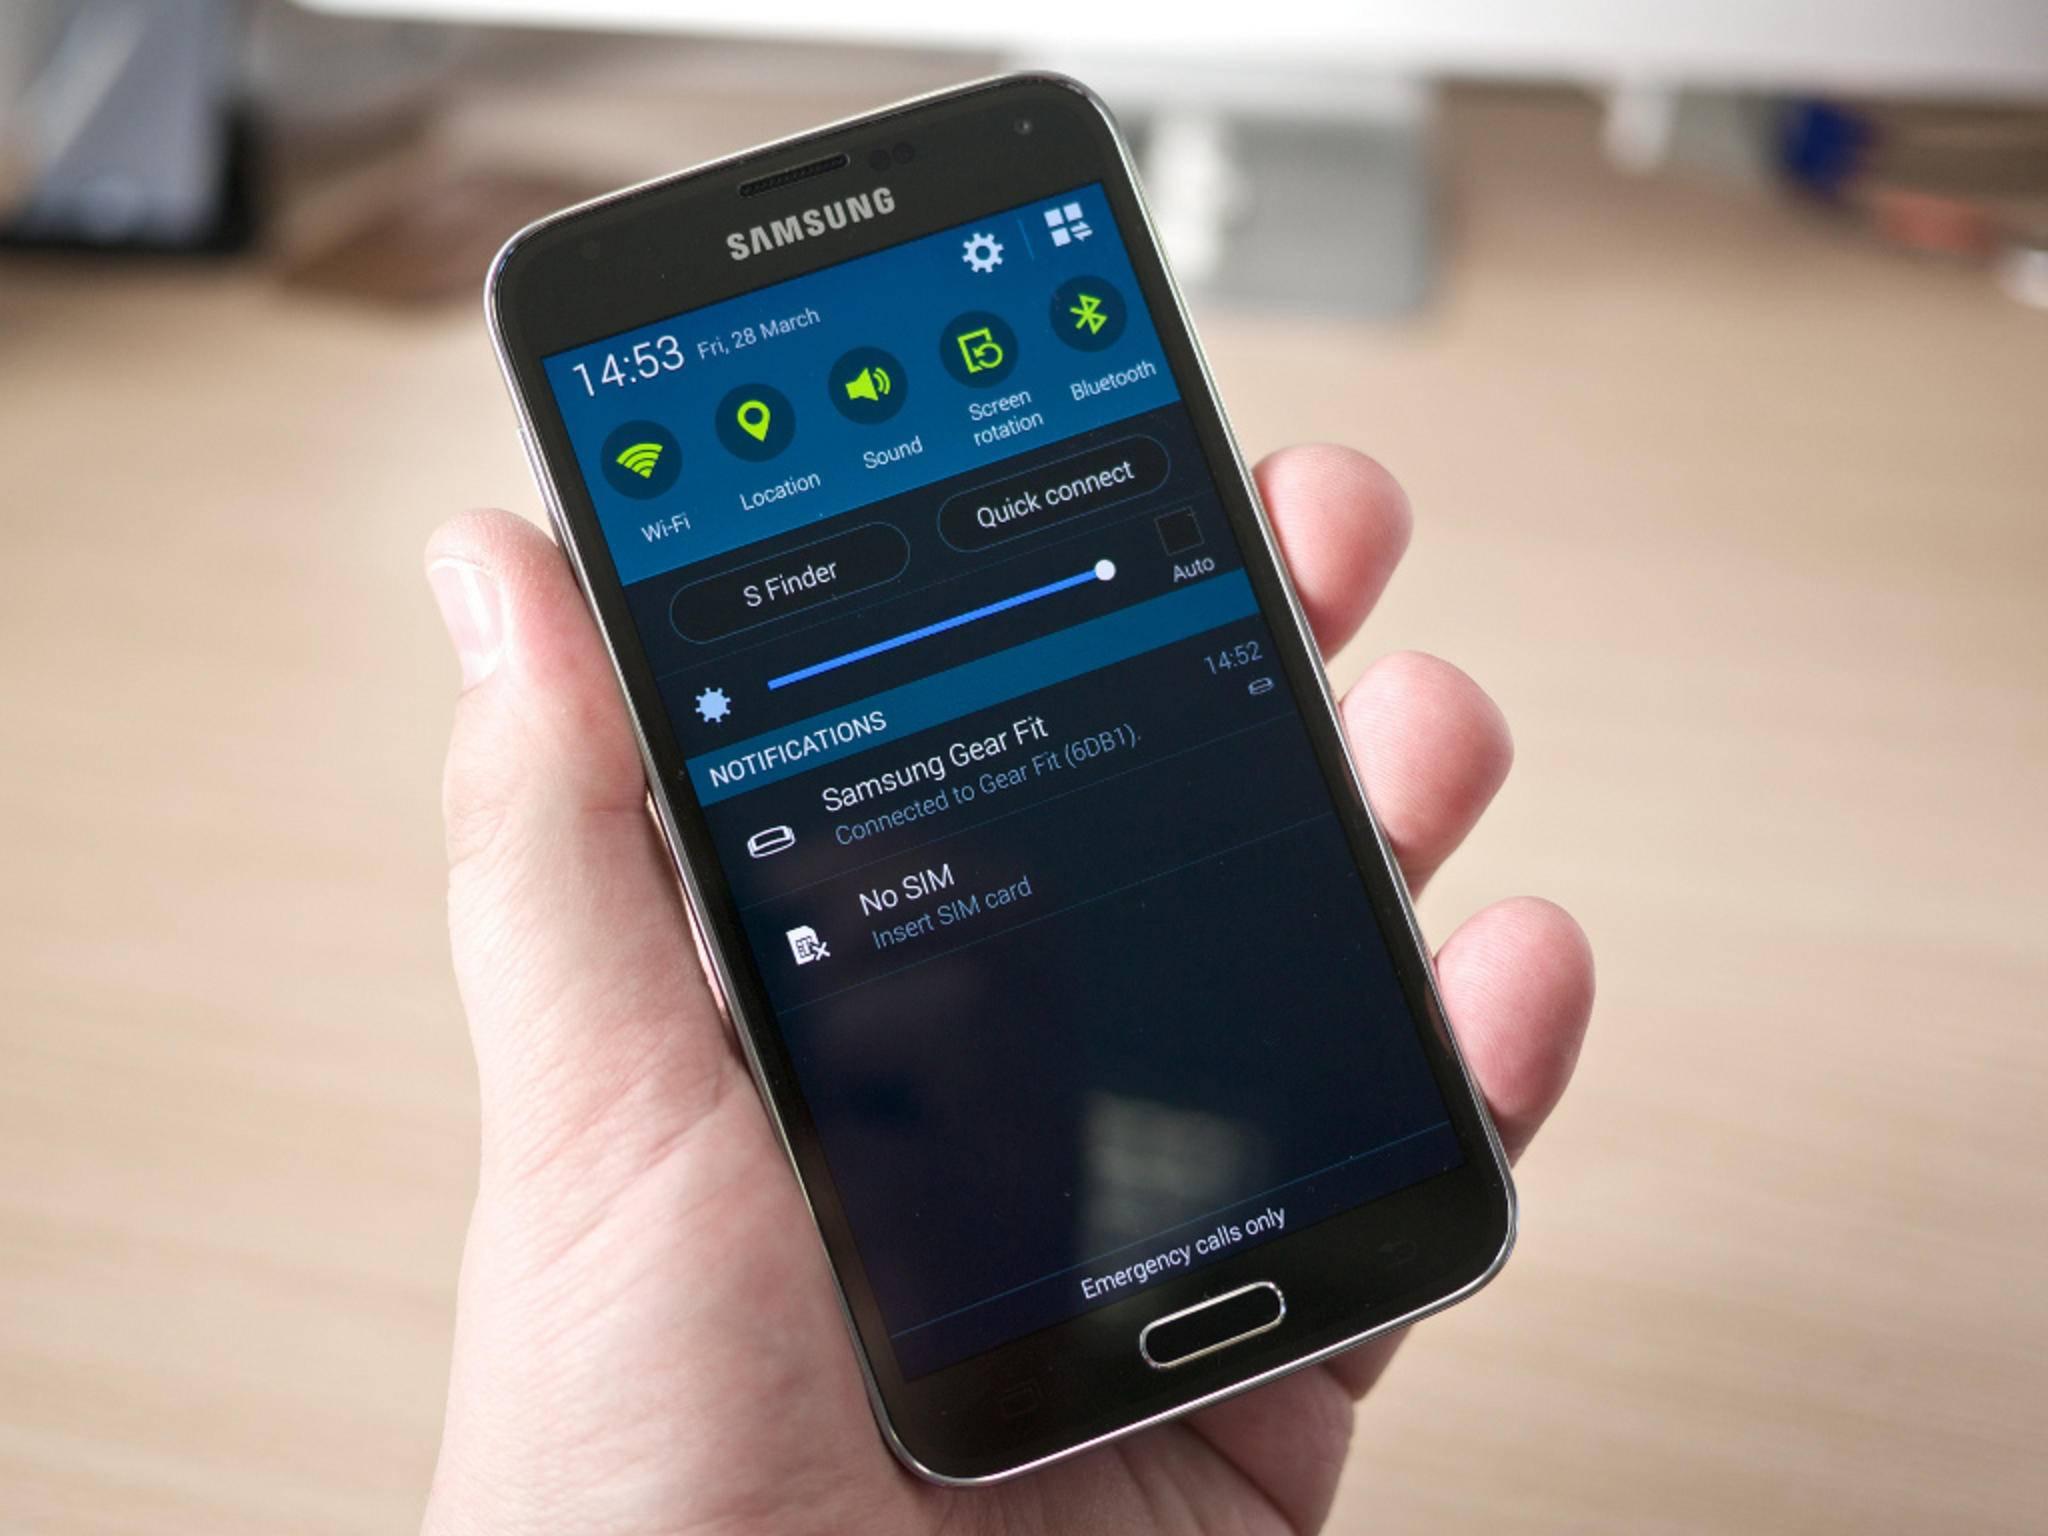 Kommt Android 5.1.1 bald für Samsungs Galaxy S5?